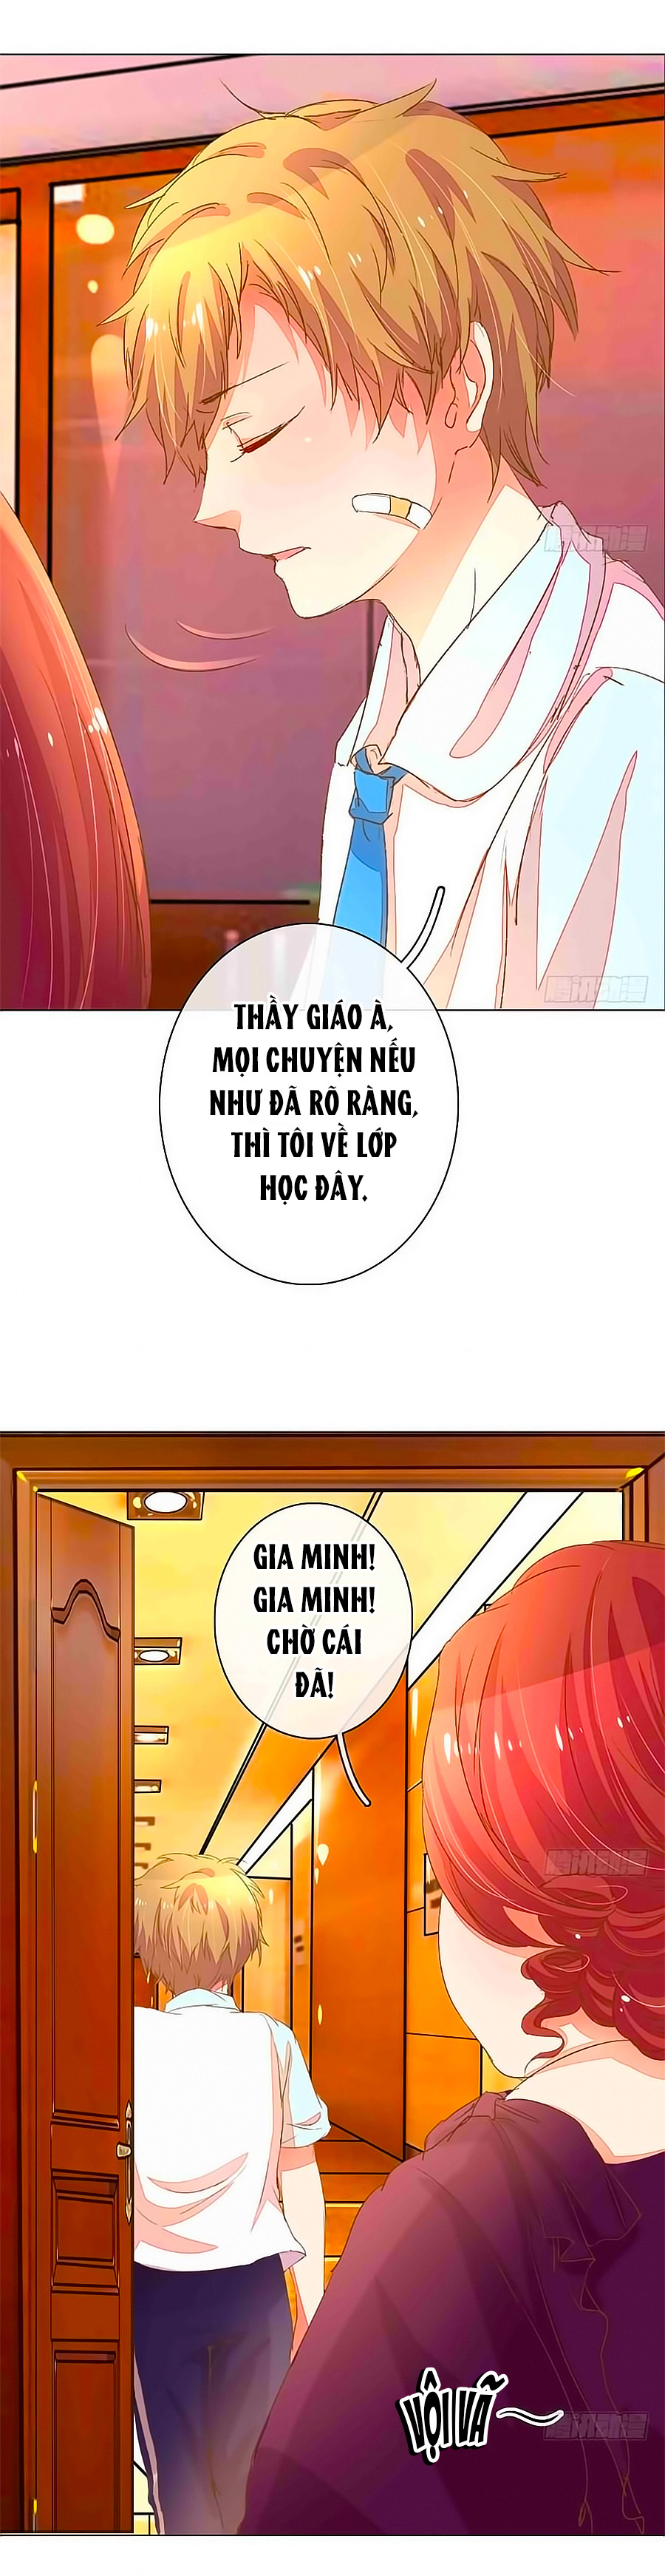 Hào Môn Tiểu Lãn Thê Chap 47 - Trang 3